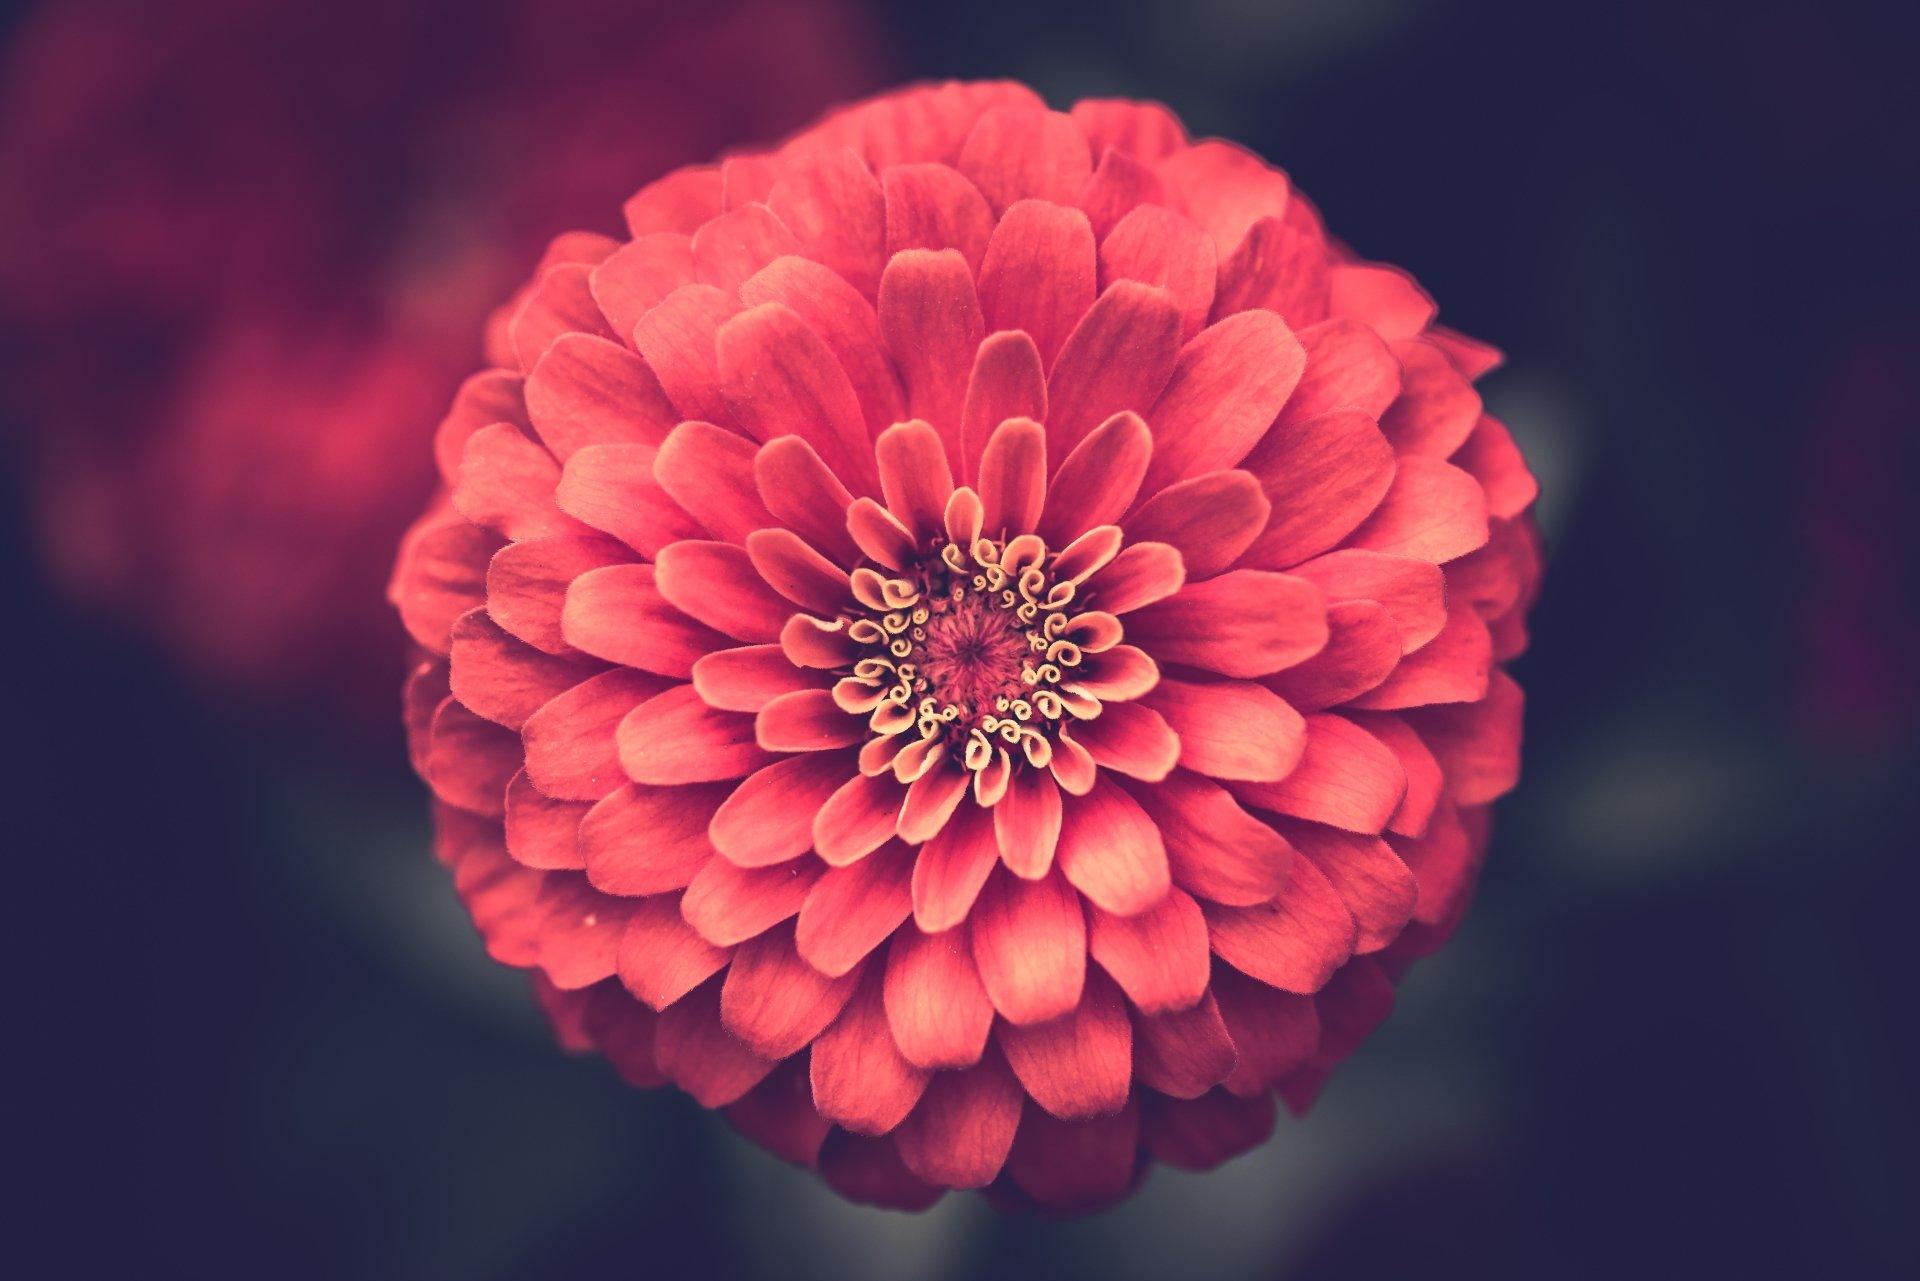 Earth - Flower  Macro Pink Flower Wallpaper